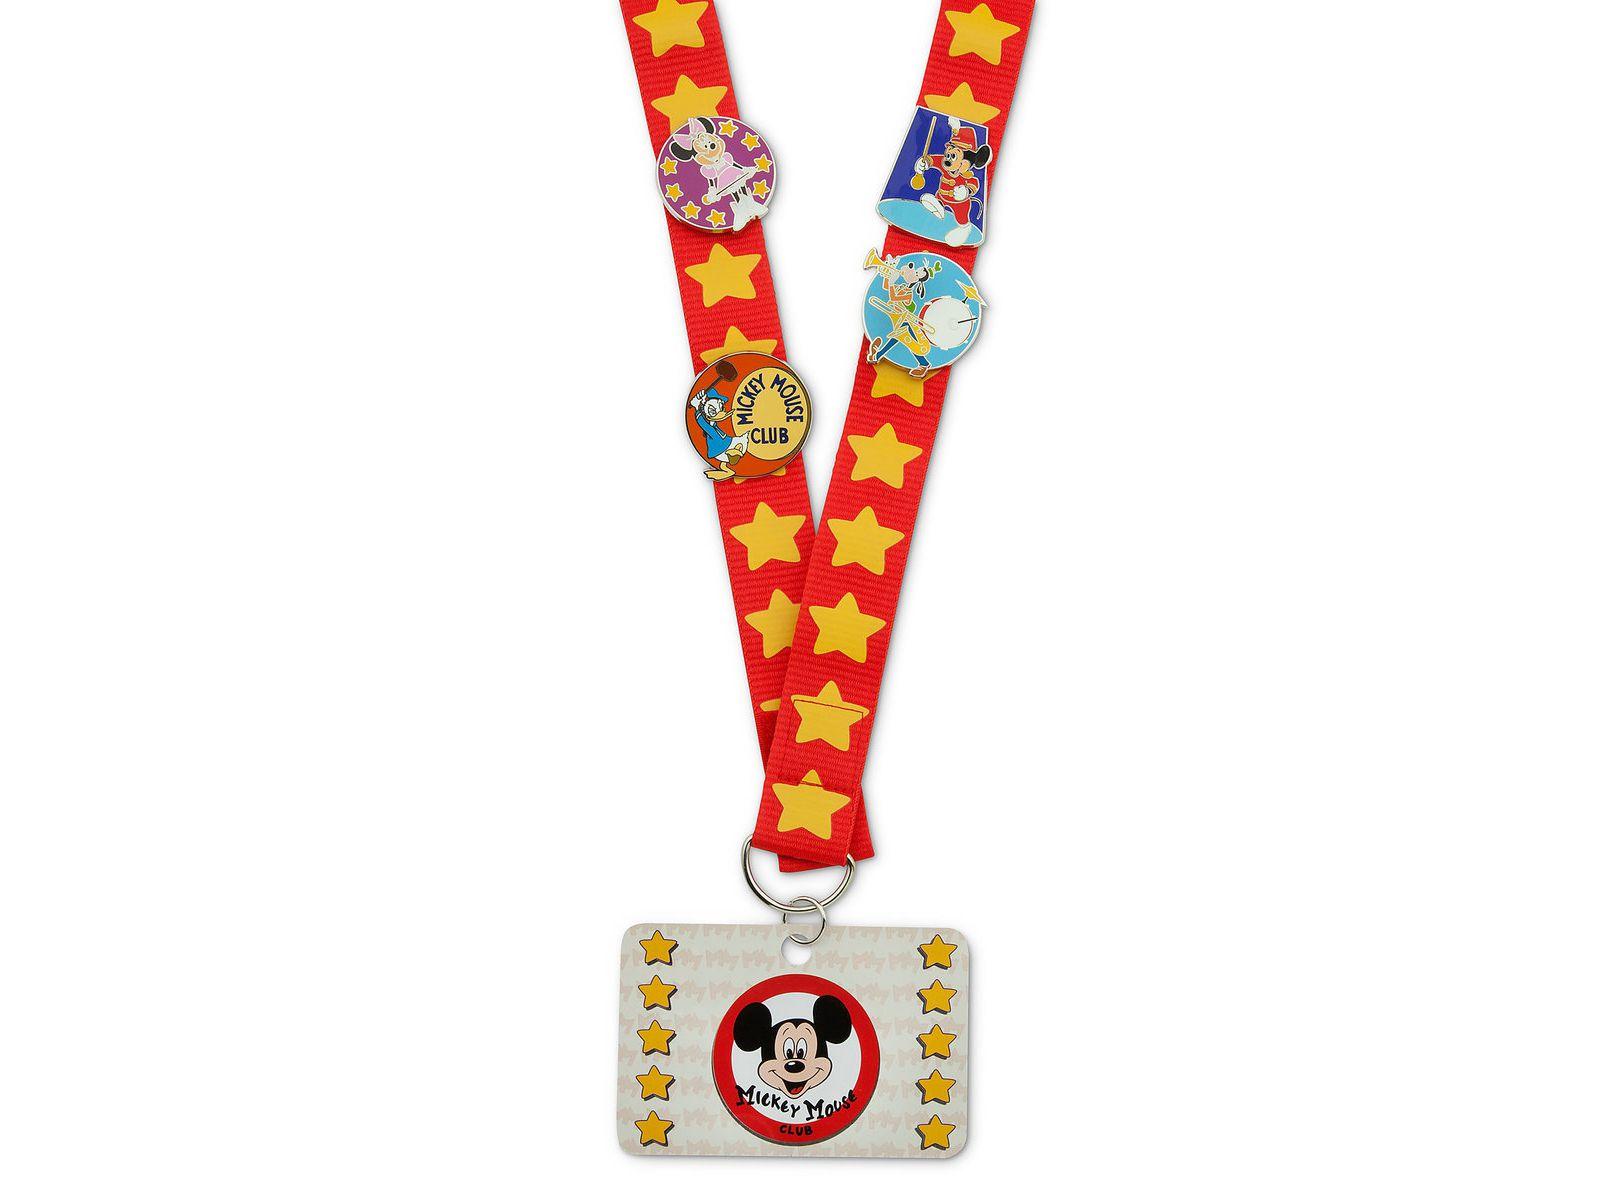 Disney world pin lanyard